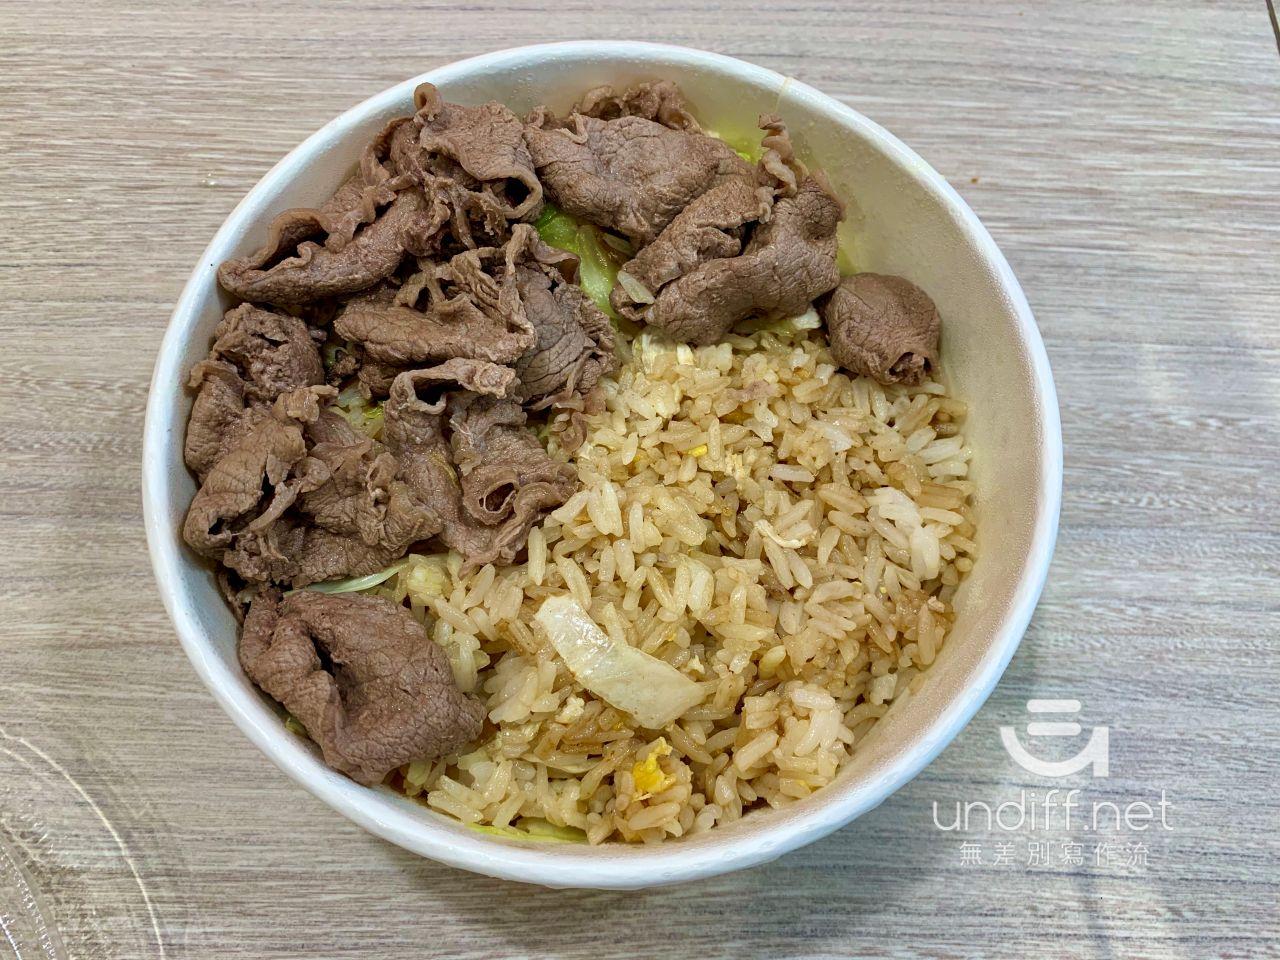 【內湖 訂便當日記】日嚐 Taste&Enjoy 南洋風味料理 58